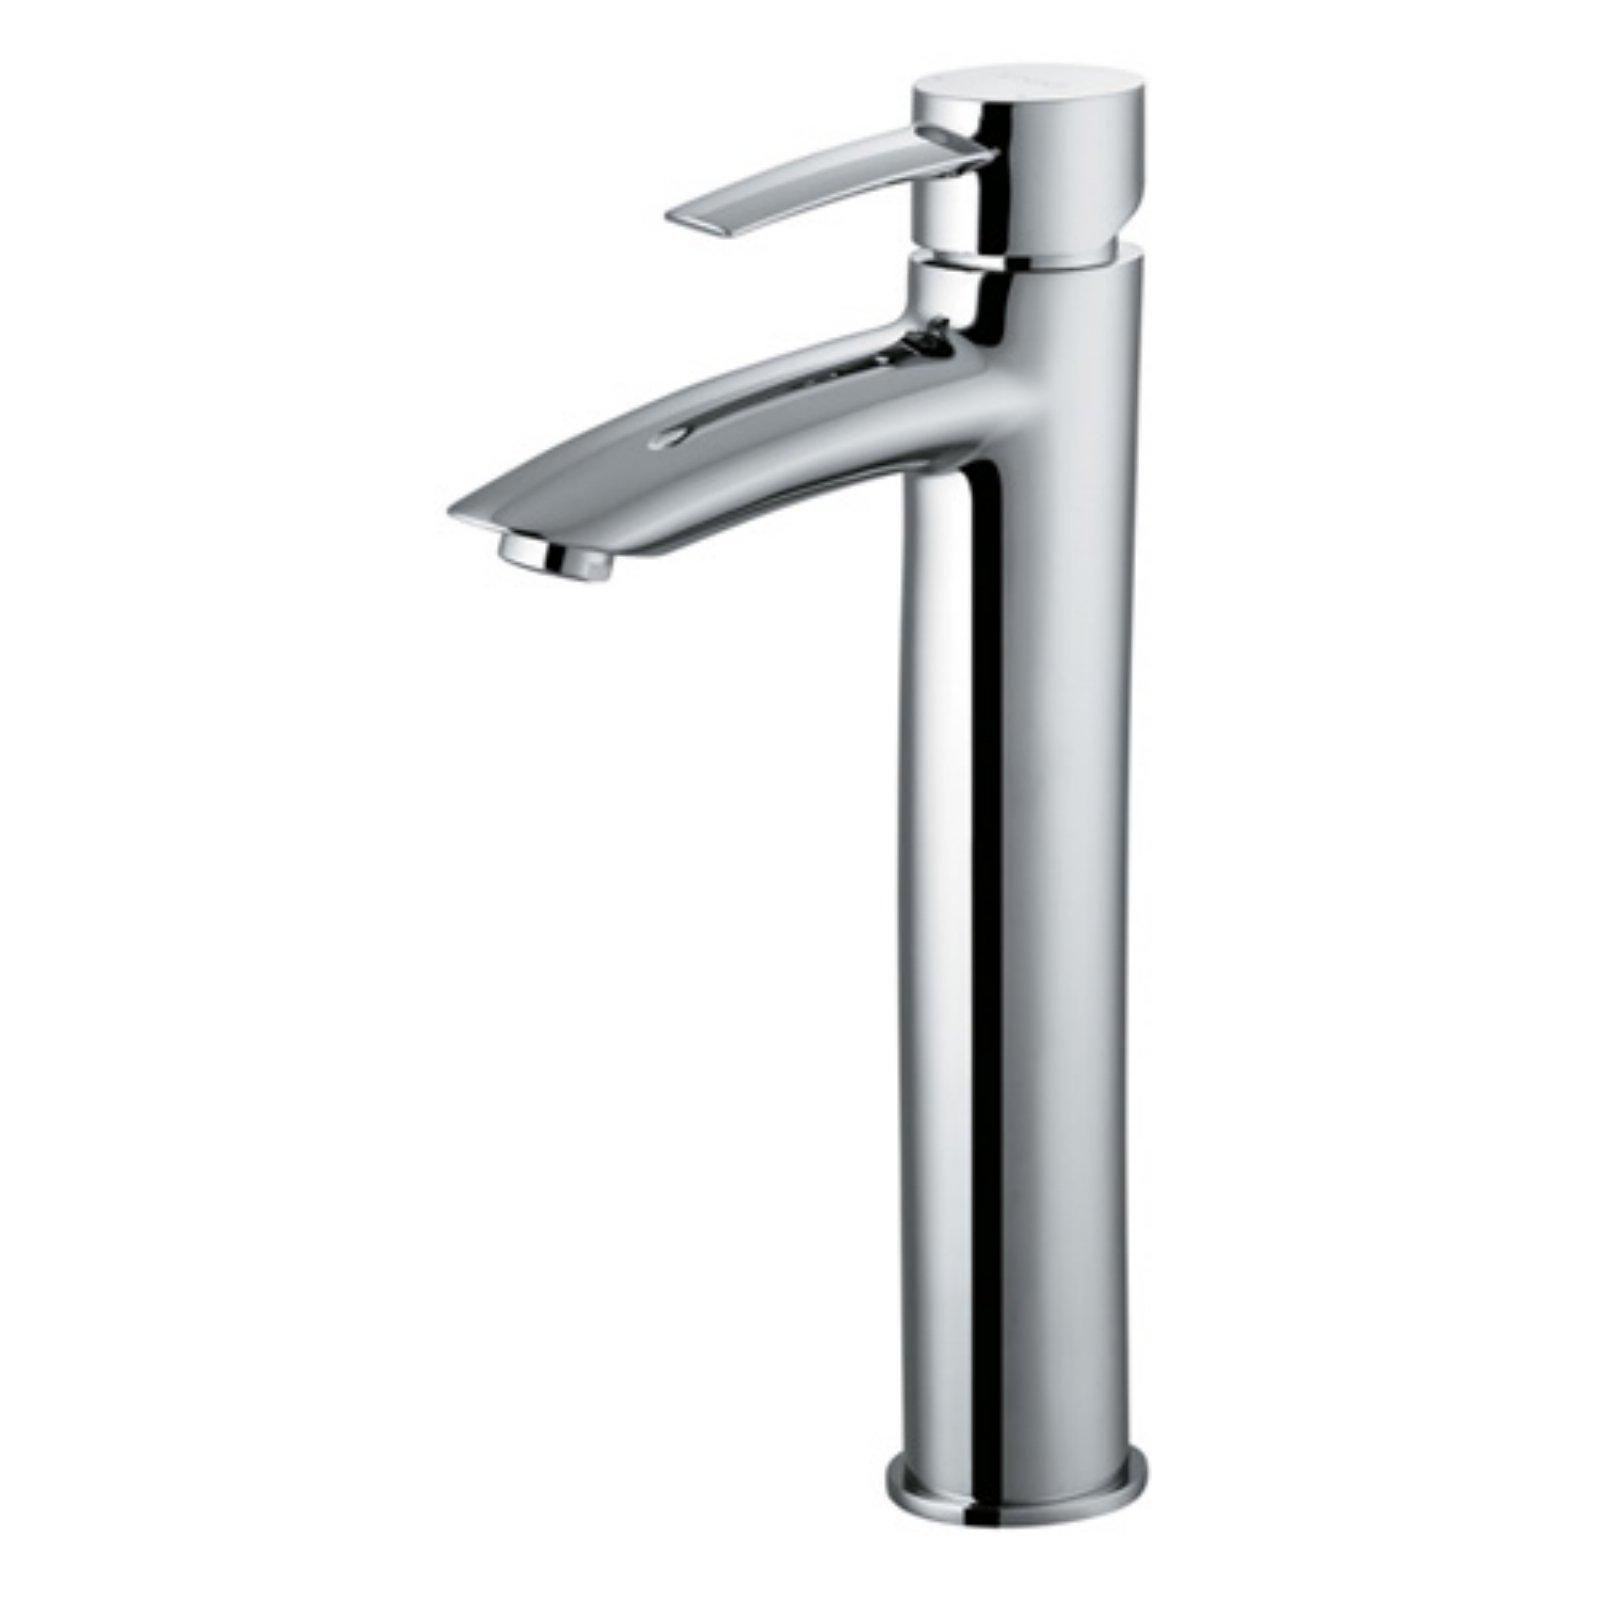 Vigo Vg03008ch Single Hole Vessel Faucet Vessel Faucets Faucet